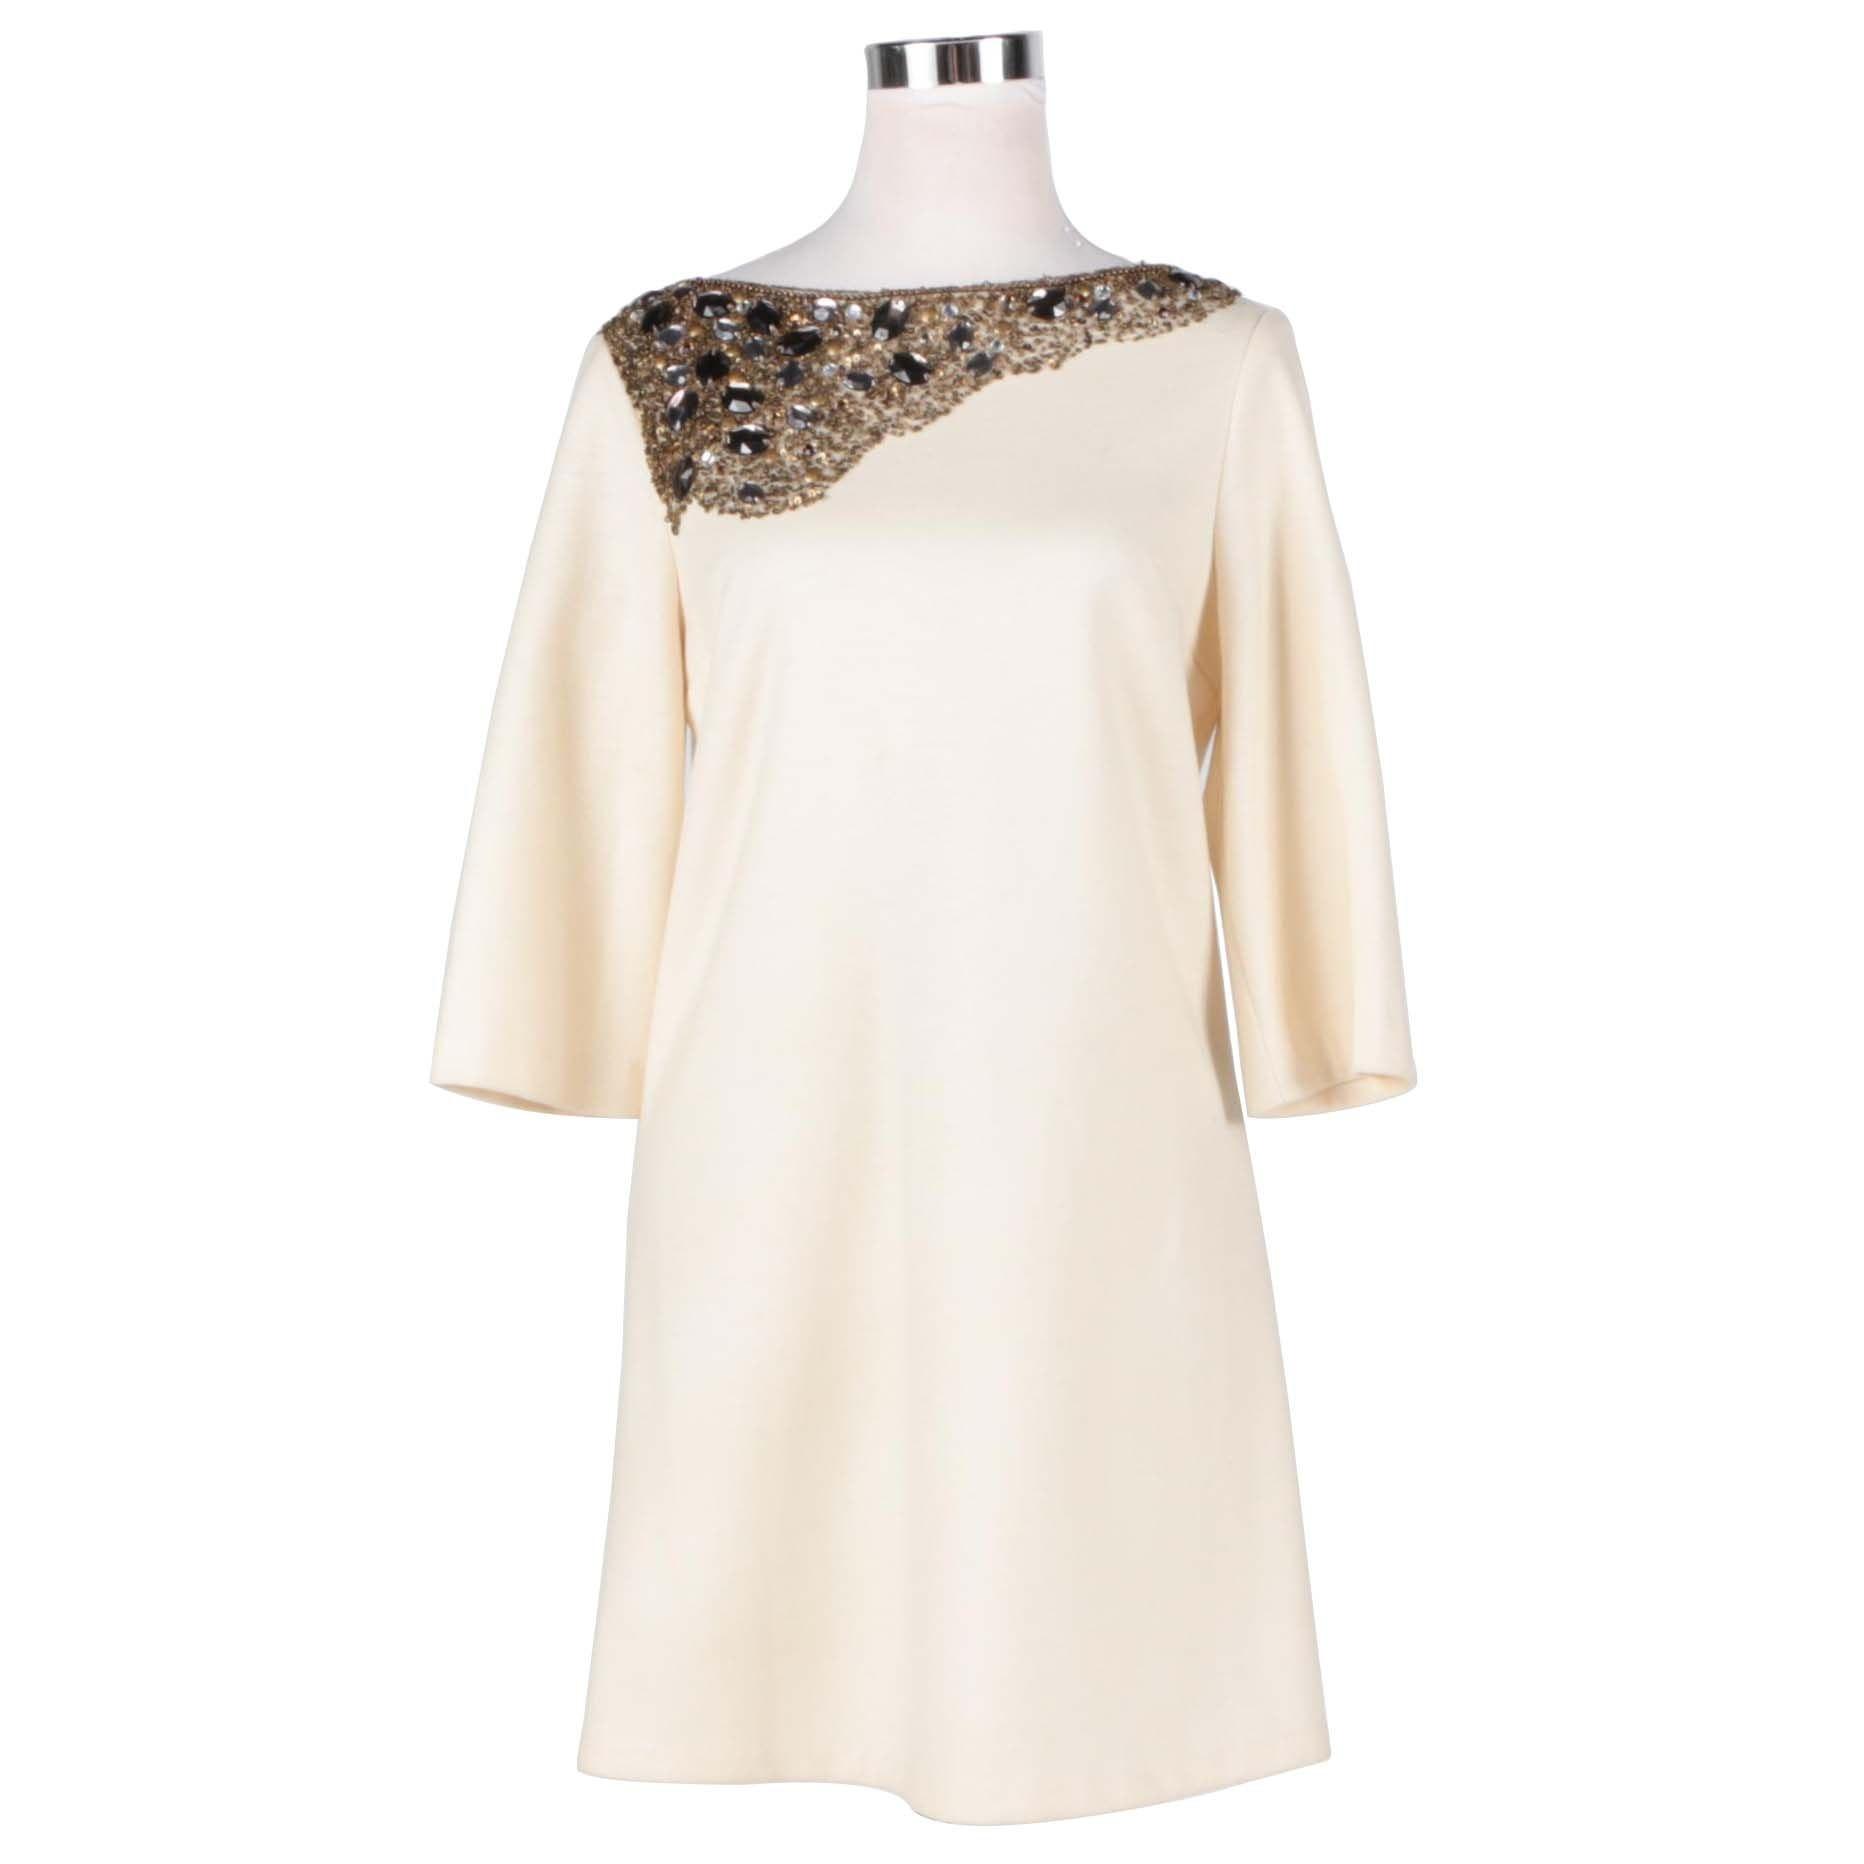 Ivory Sequin Embellished Dress